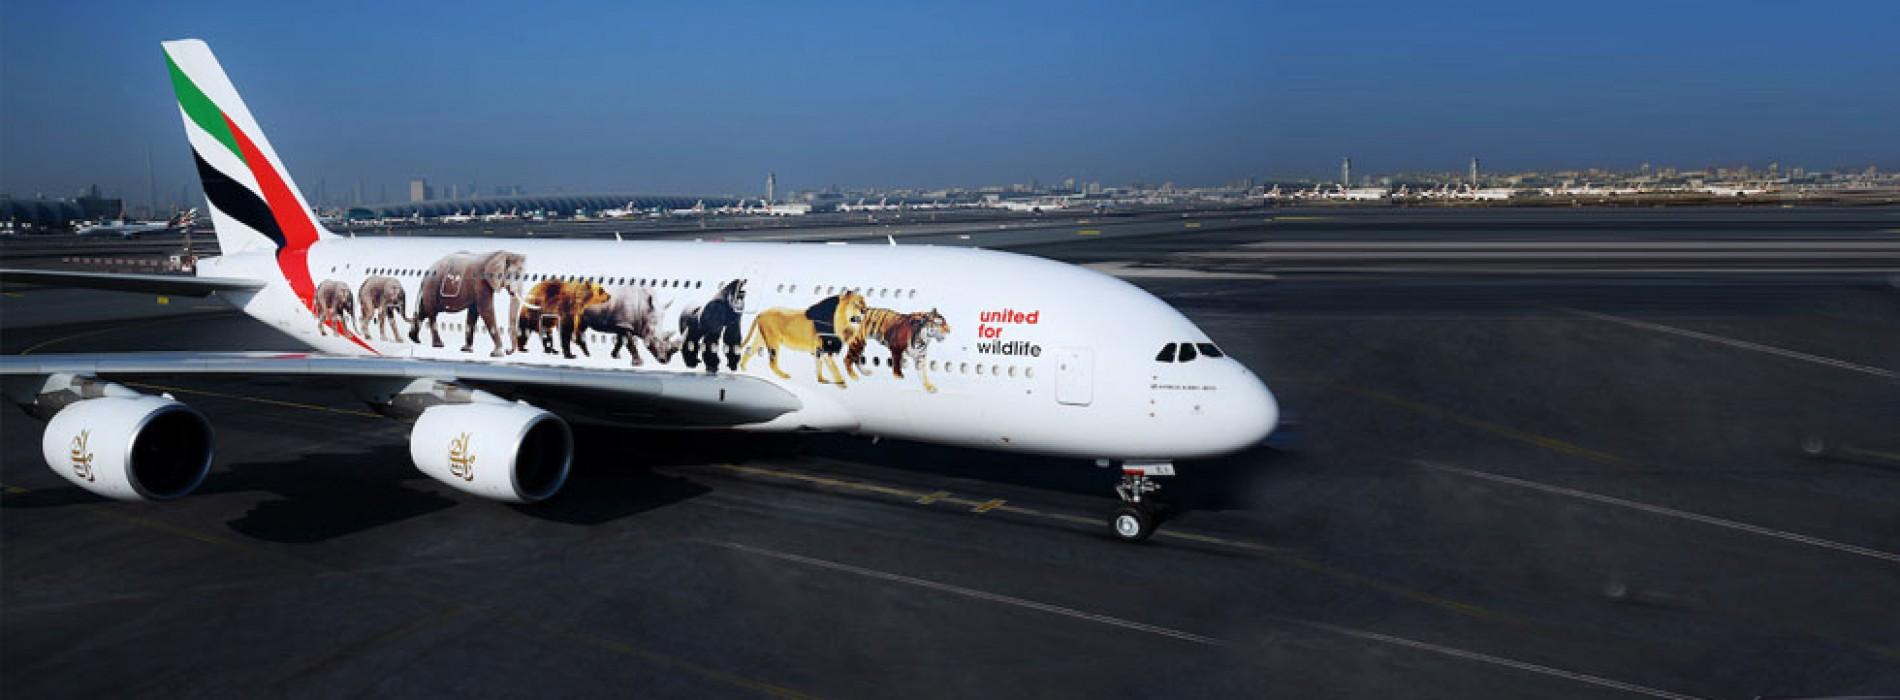 Emirates' super jumbo message against illegal wildlife trade